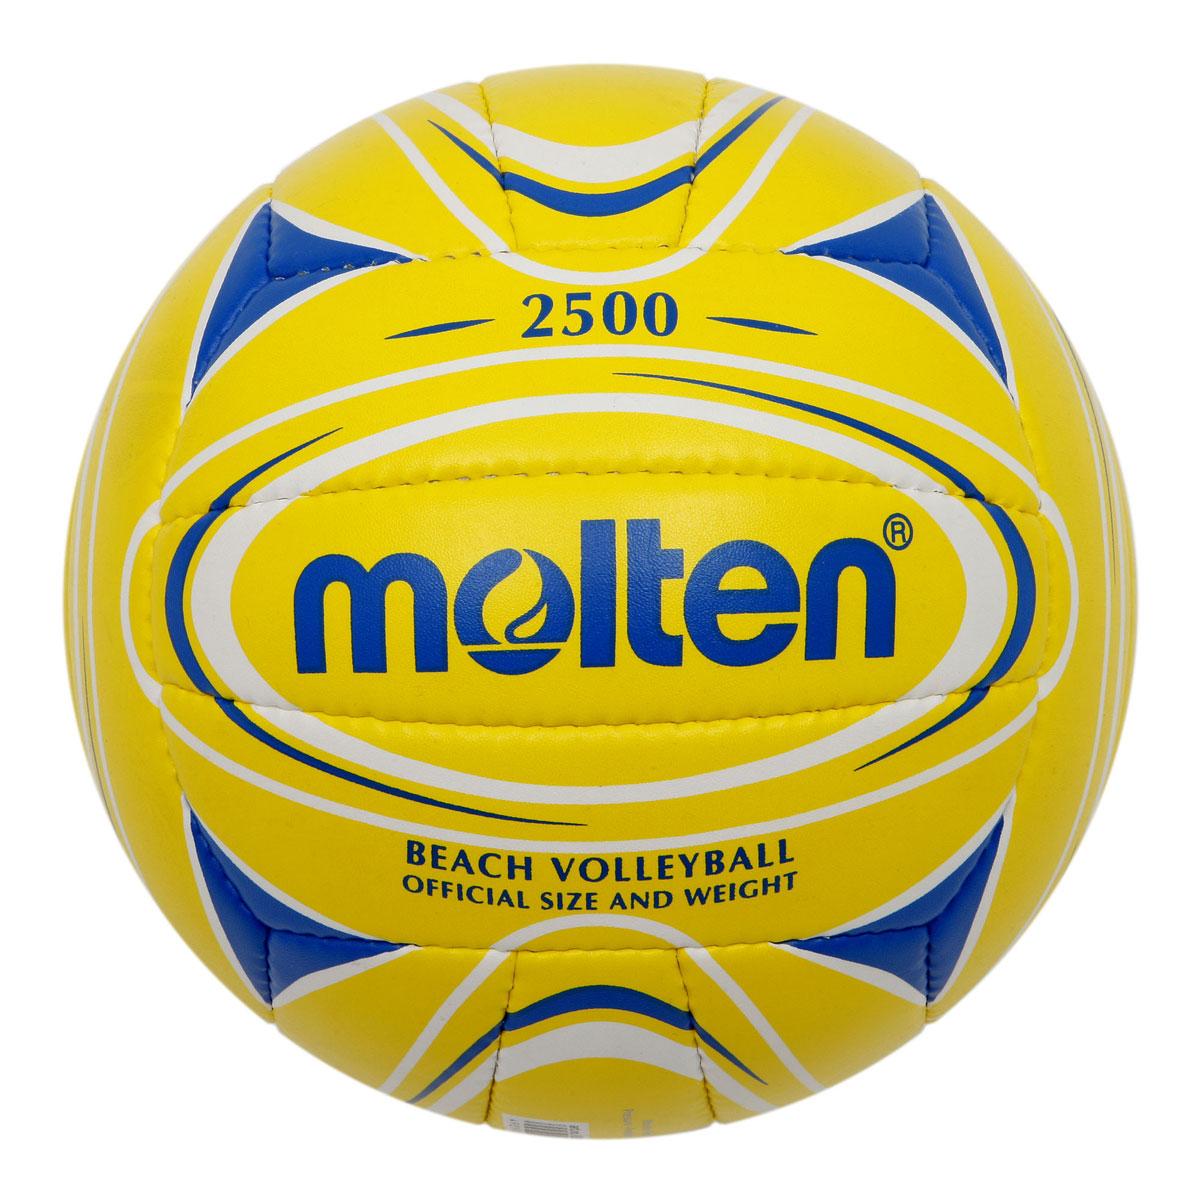 Мяч для пляжного волейбола Molten, цвет: желтый, синий. Размер 5V5B2500-YBМяч для пляжного волейбола Molten изготовлен из мягкой синтетической кожи, обеспечивающей мягкий контакт с рукой. Отличные игровые характеристики. Ручное шитье. Имеет официальный вес и размер.